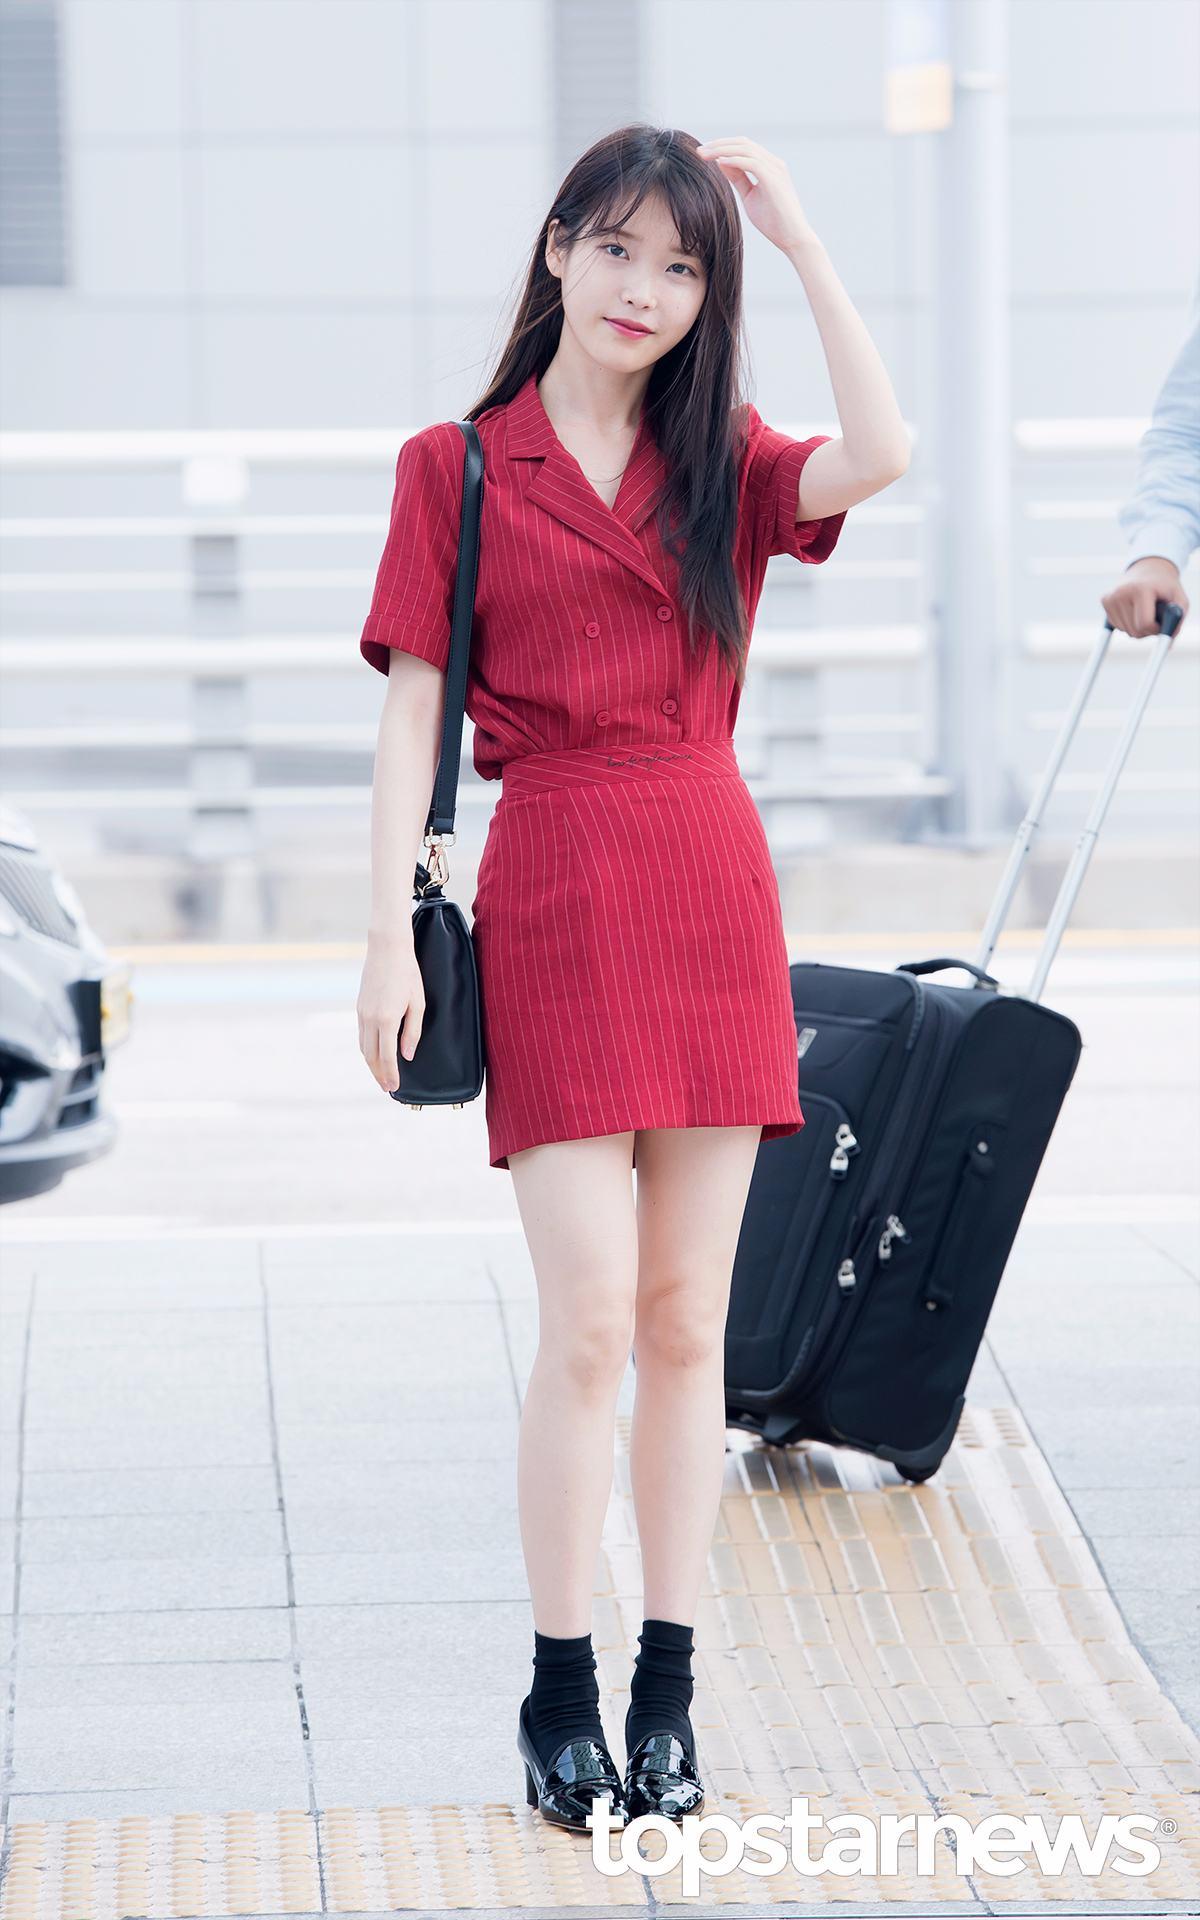 IU在最近的機場私服中穿的這一身紅色格紋套裝,就是來自該品牌。